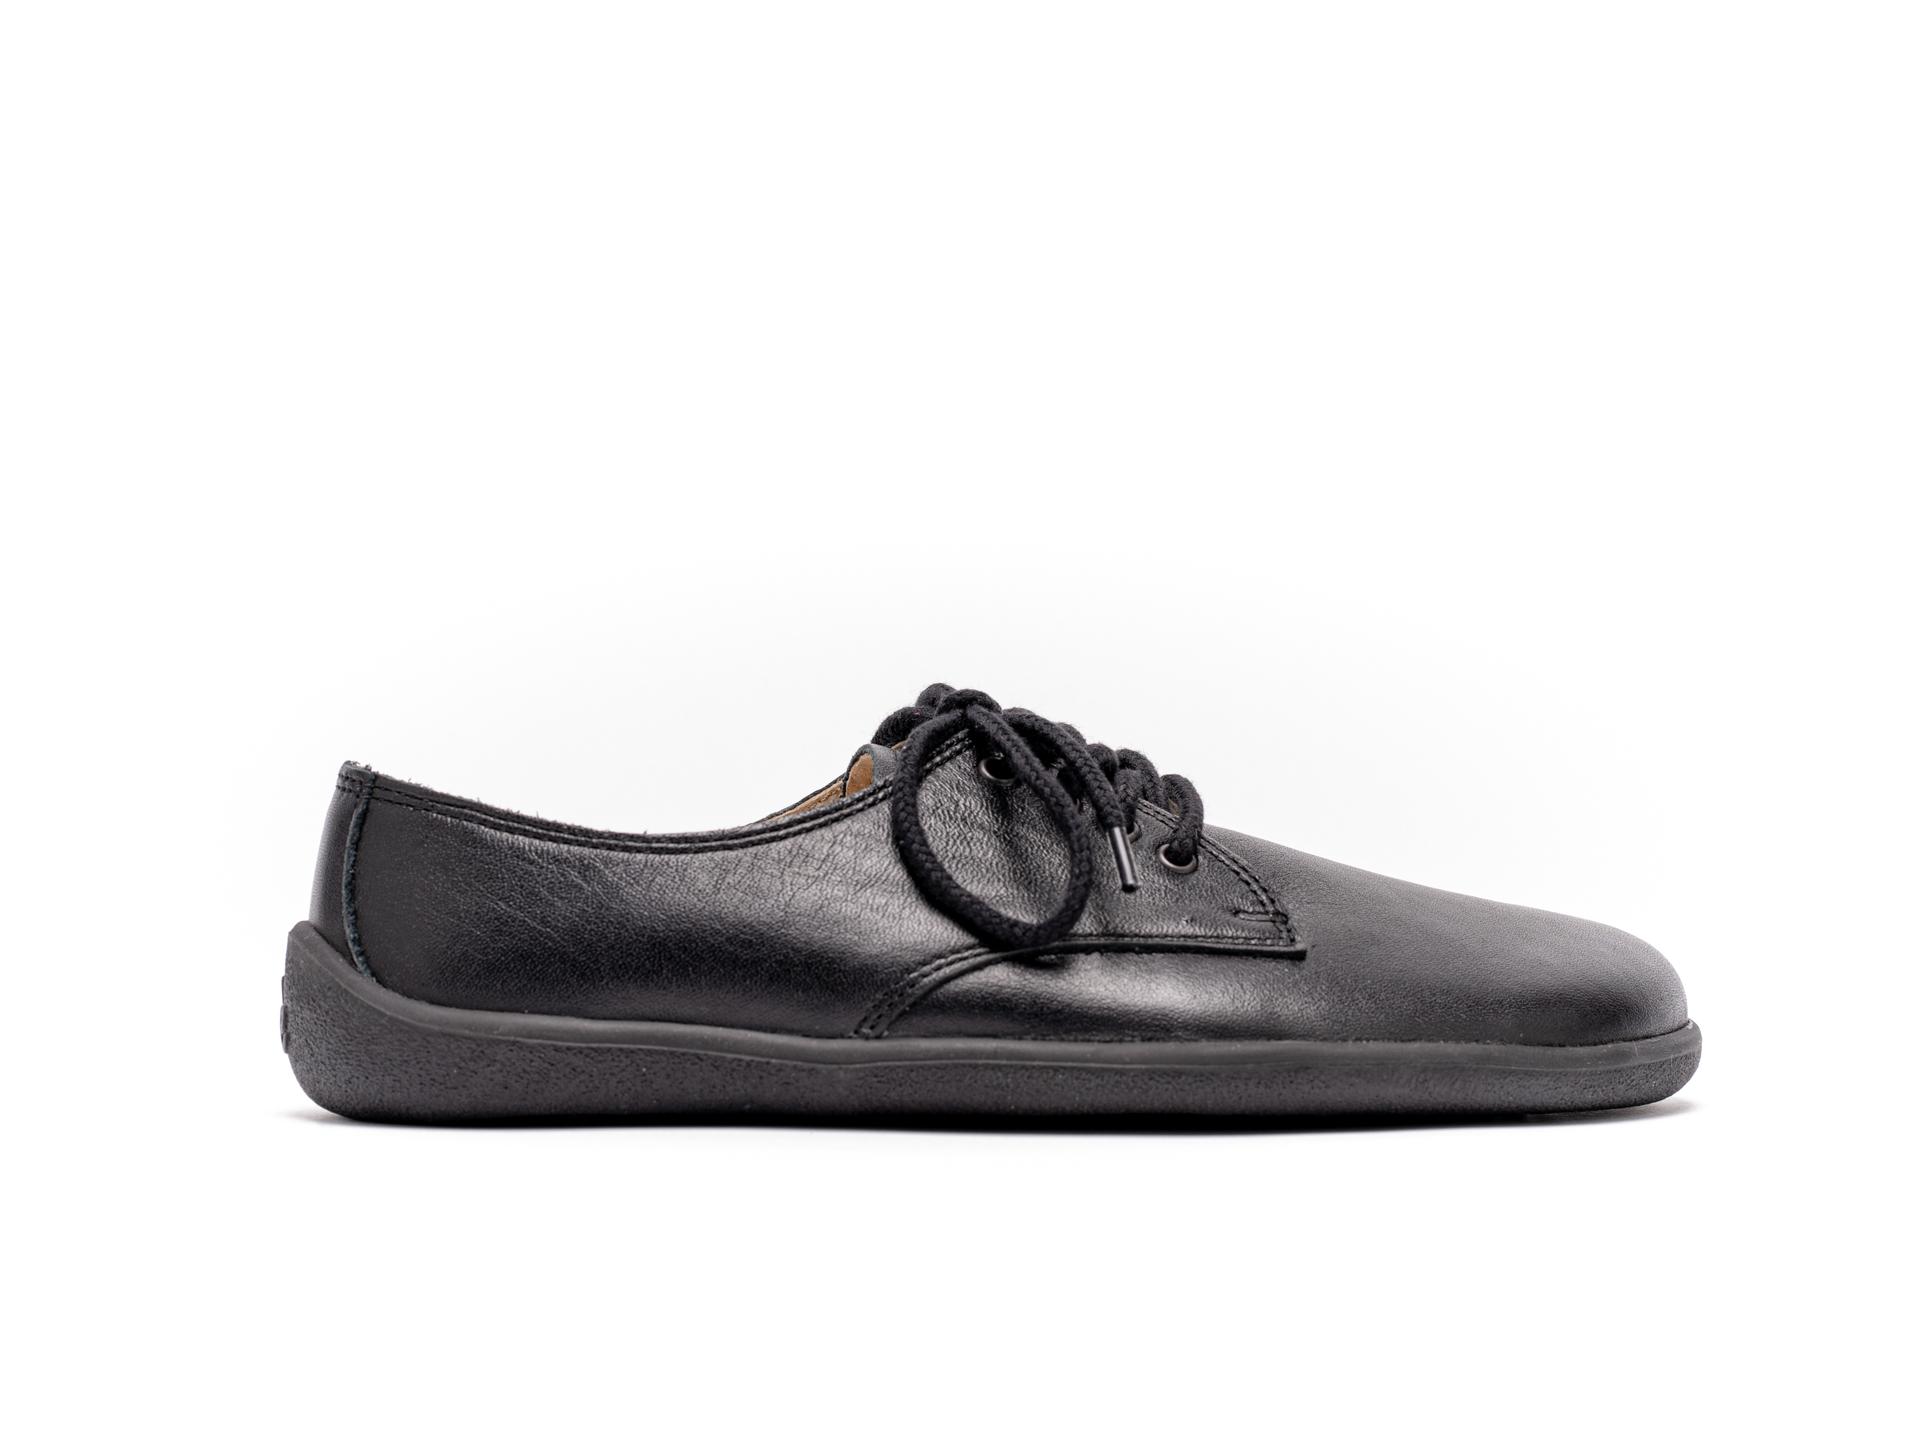 Barefoot Be Lenka City - Black 41